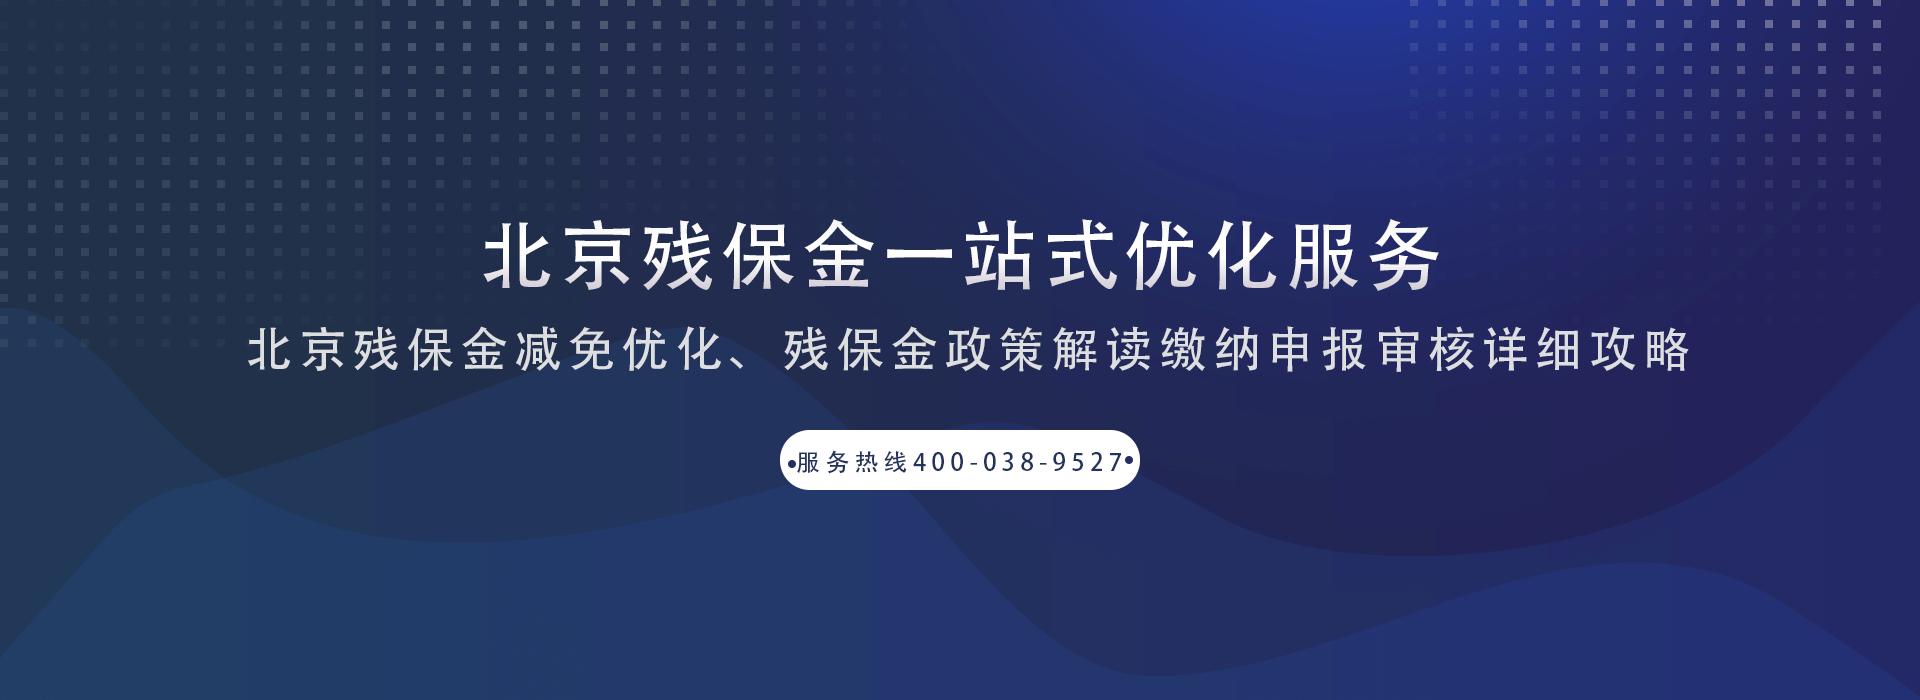 北京残保金减免优化政策大全